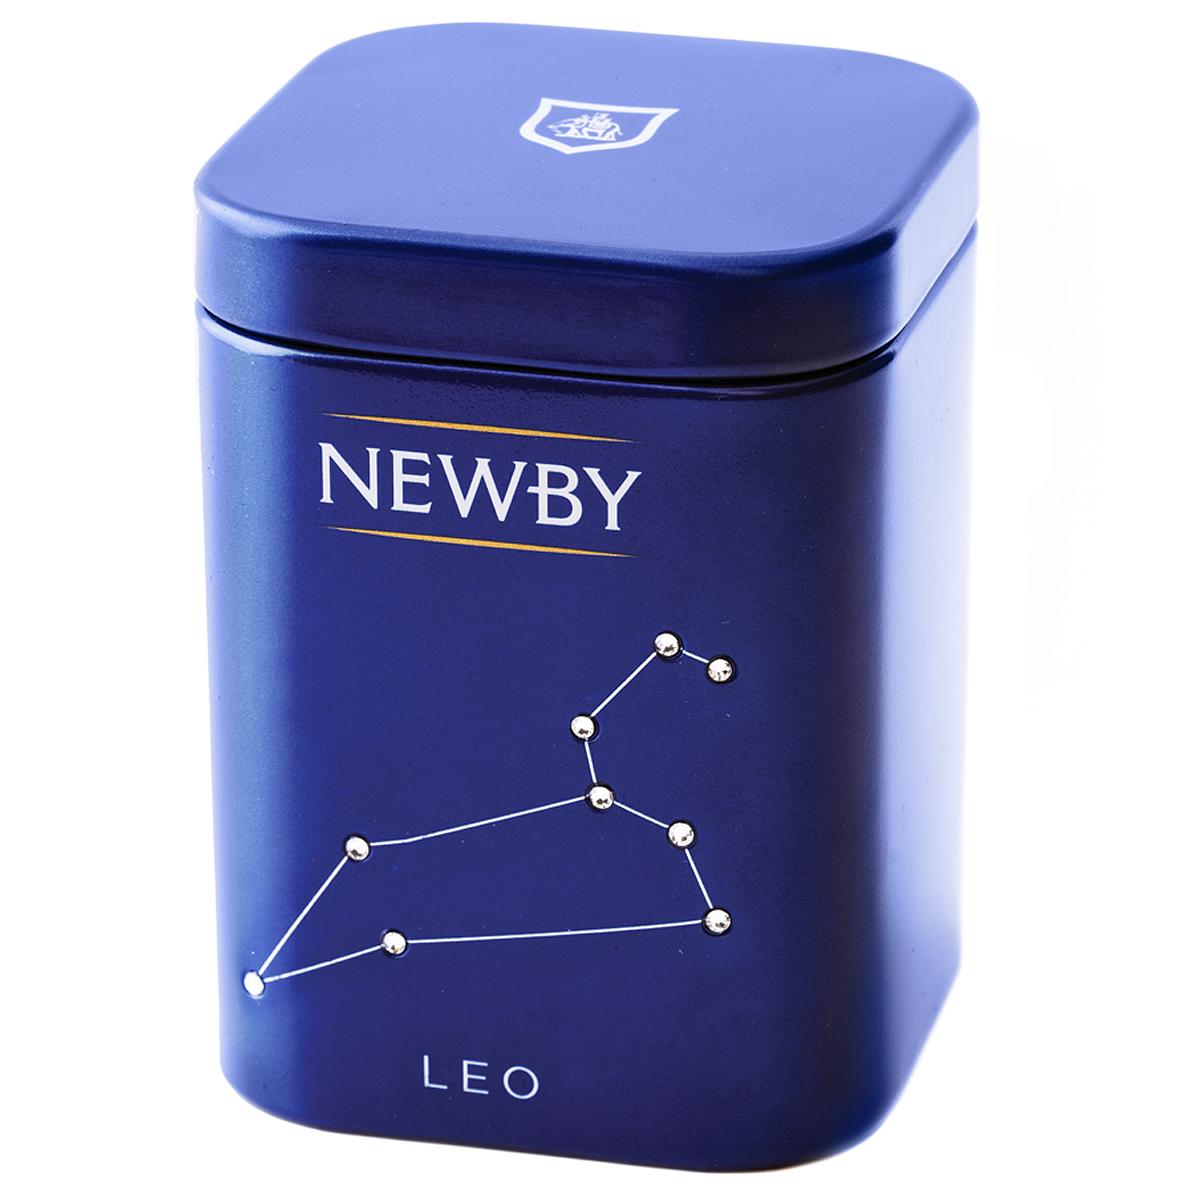 Newby Leo Assam подарочный набор листового чая, 25 г (ж/б) newby assam черный чай в пакетиках 25 шт